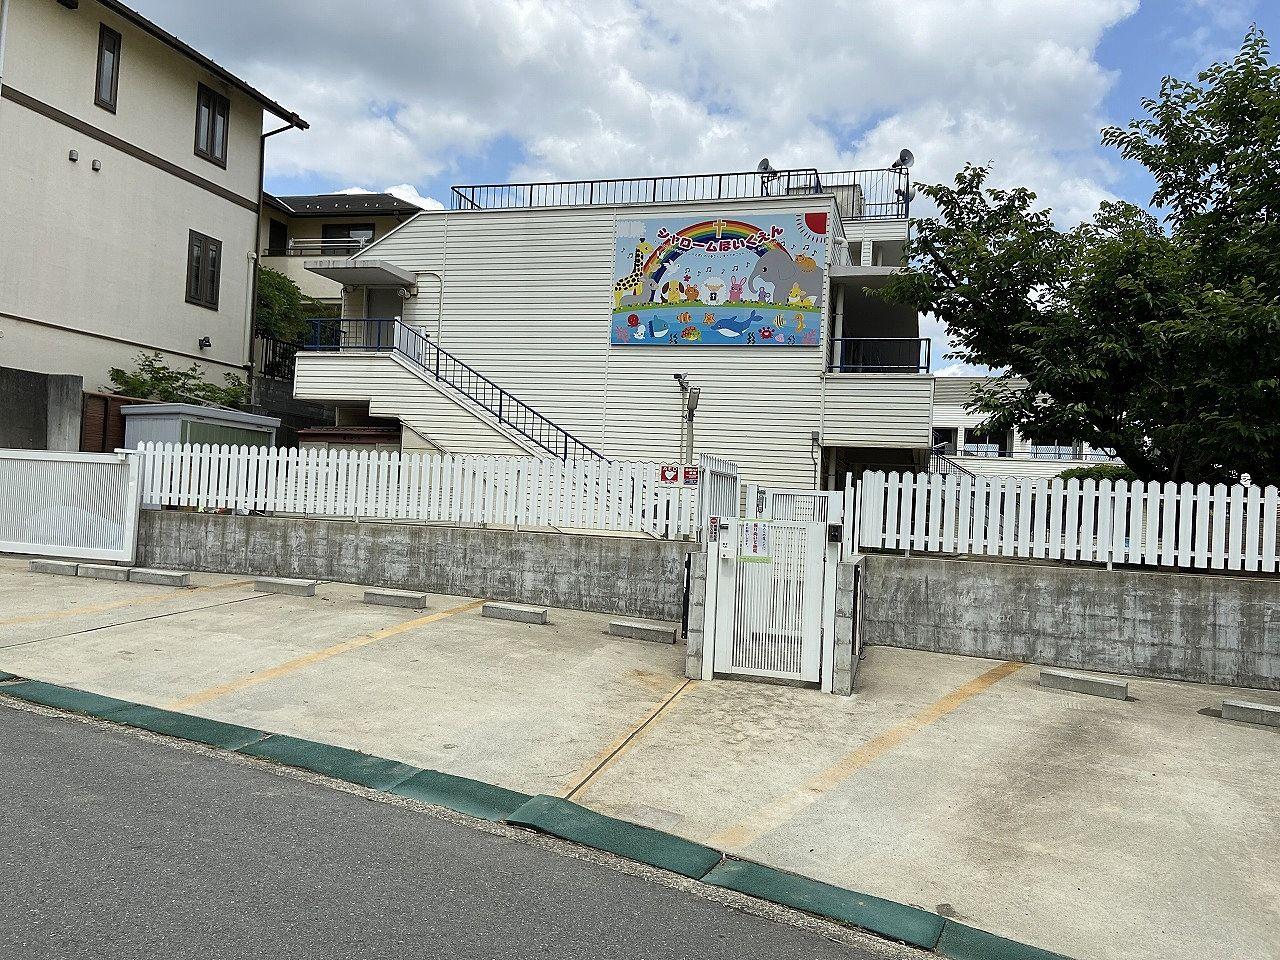 周辺は住宅街で良好な環境で、あざみ野西公園が目の前にある横浜市青葉区のシャローム保育園の建物外観の様子です。